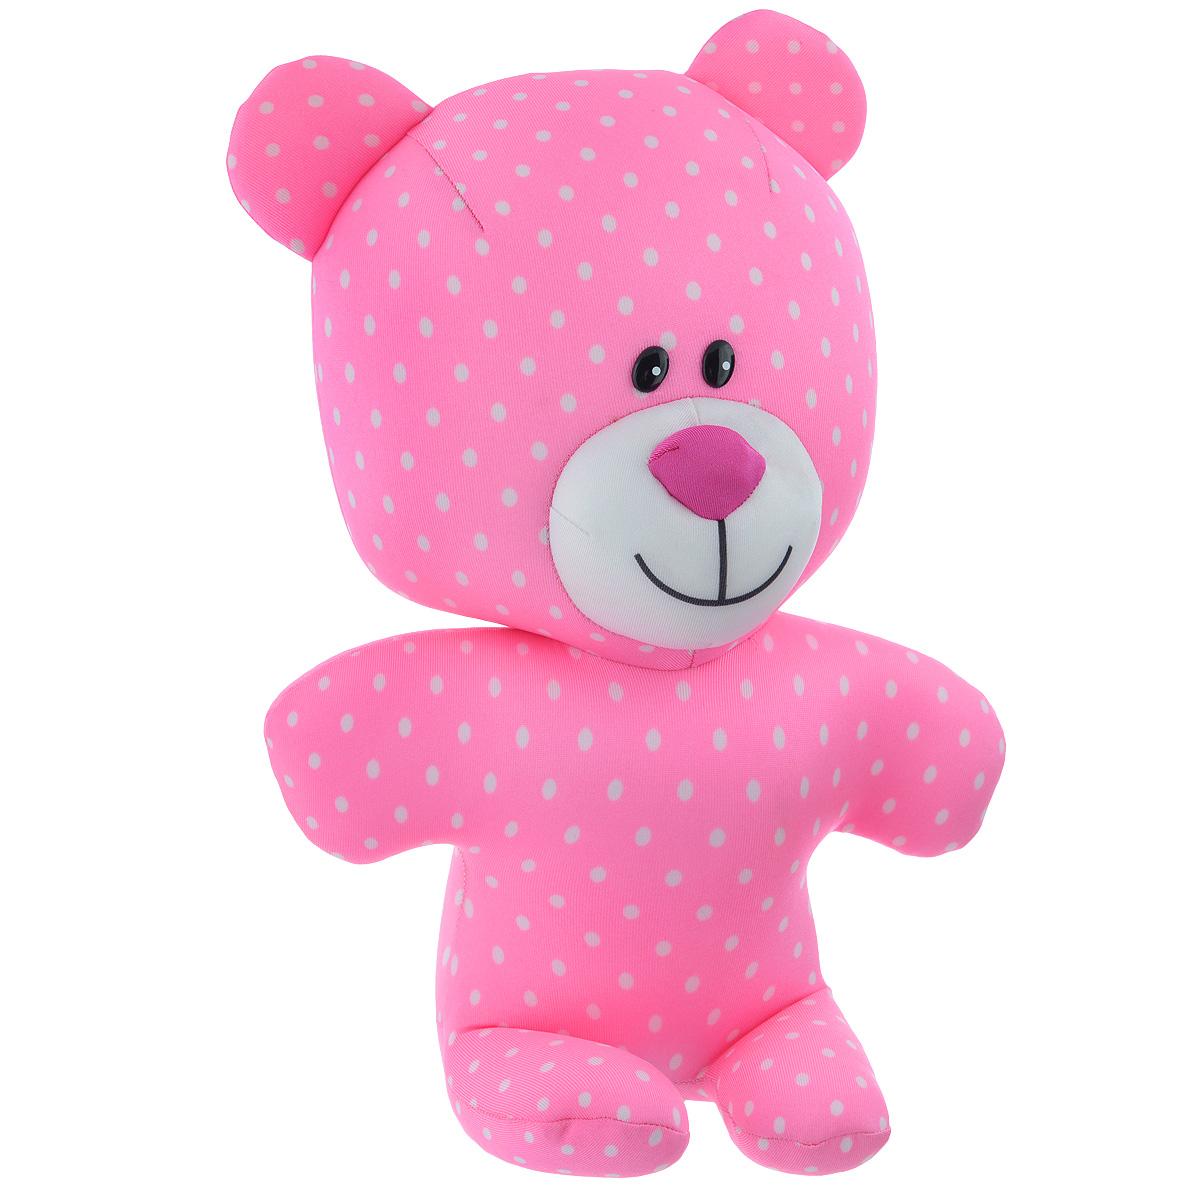 Игрушка-антистресс СмолТойс Мишутка, 36 см игрушка антистресс смолтойс кукла анюта 30 см